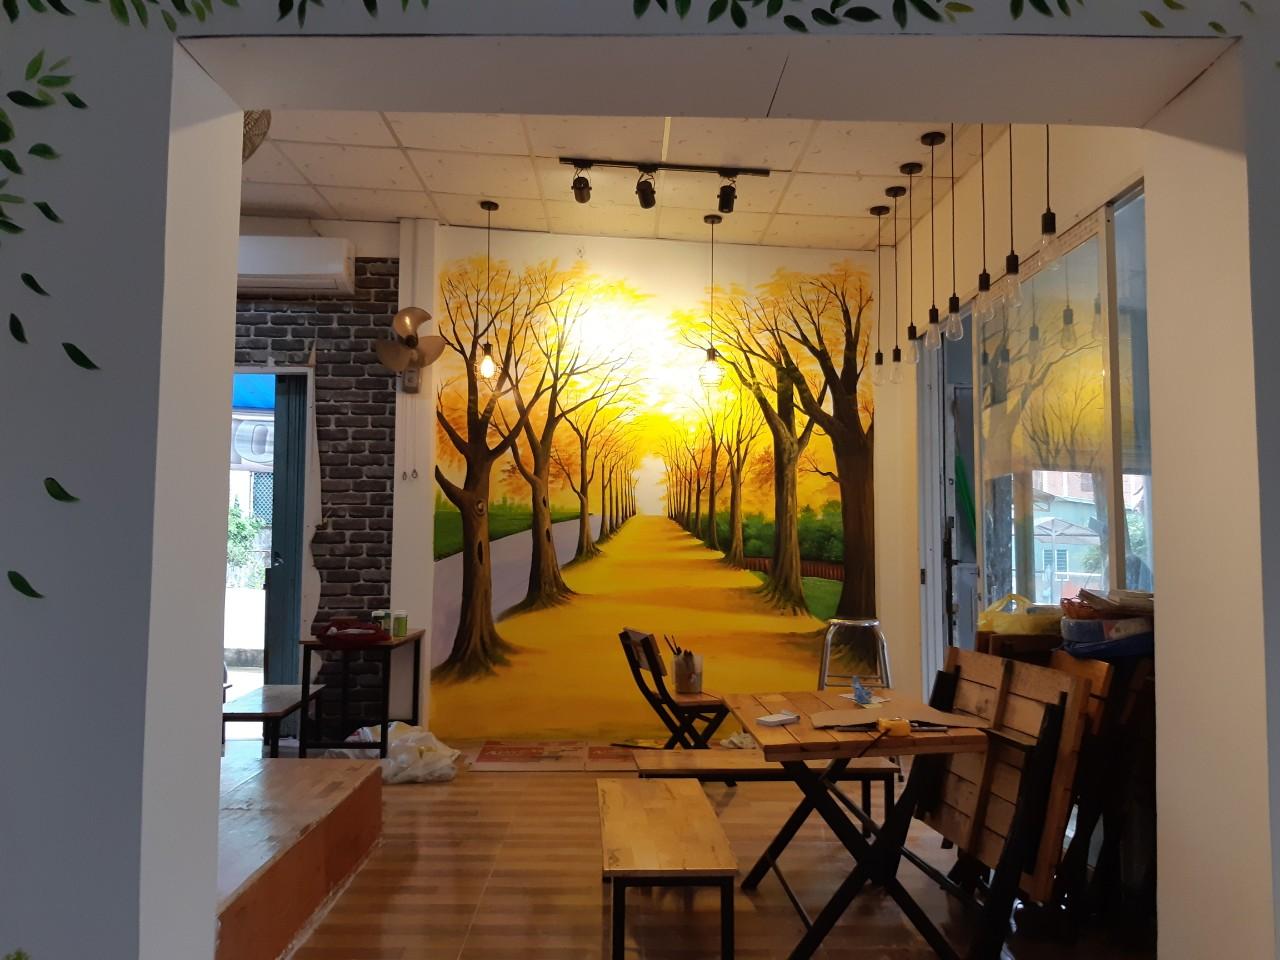 tranh tường hai hàng cây